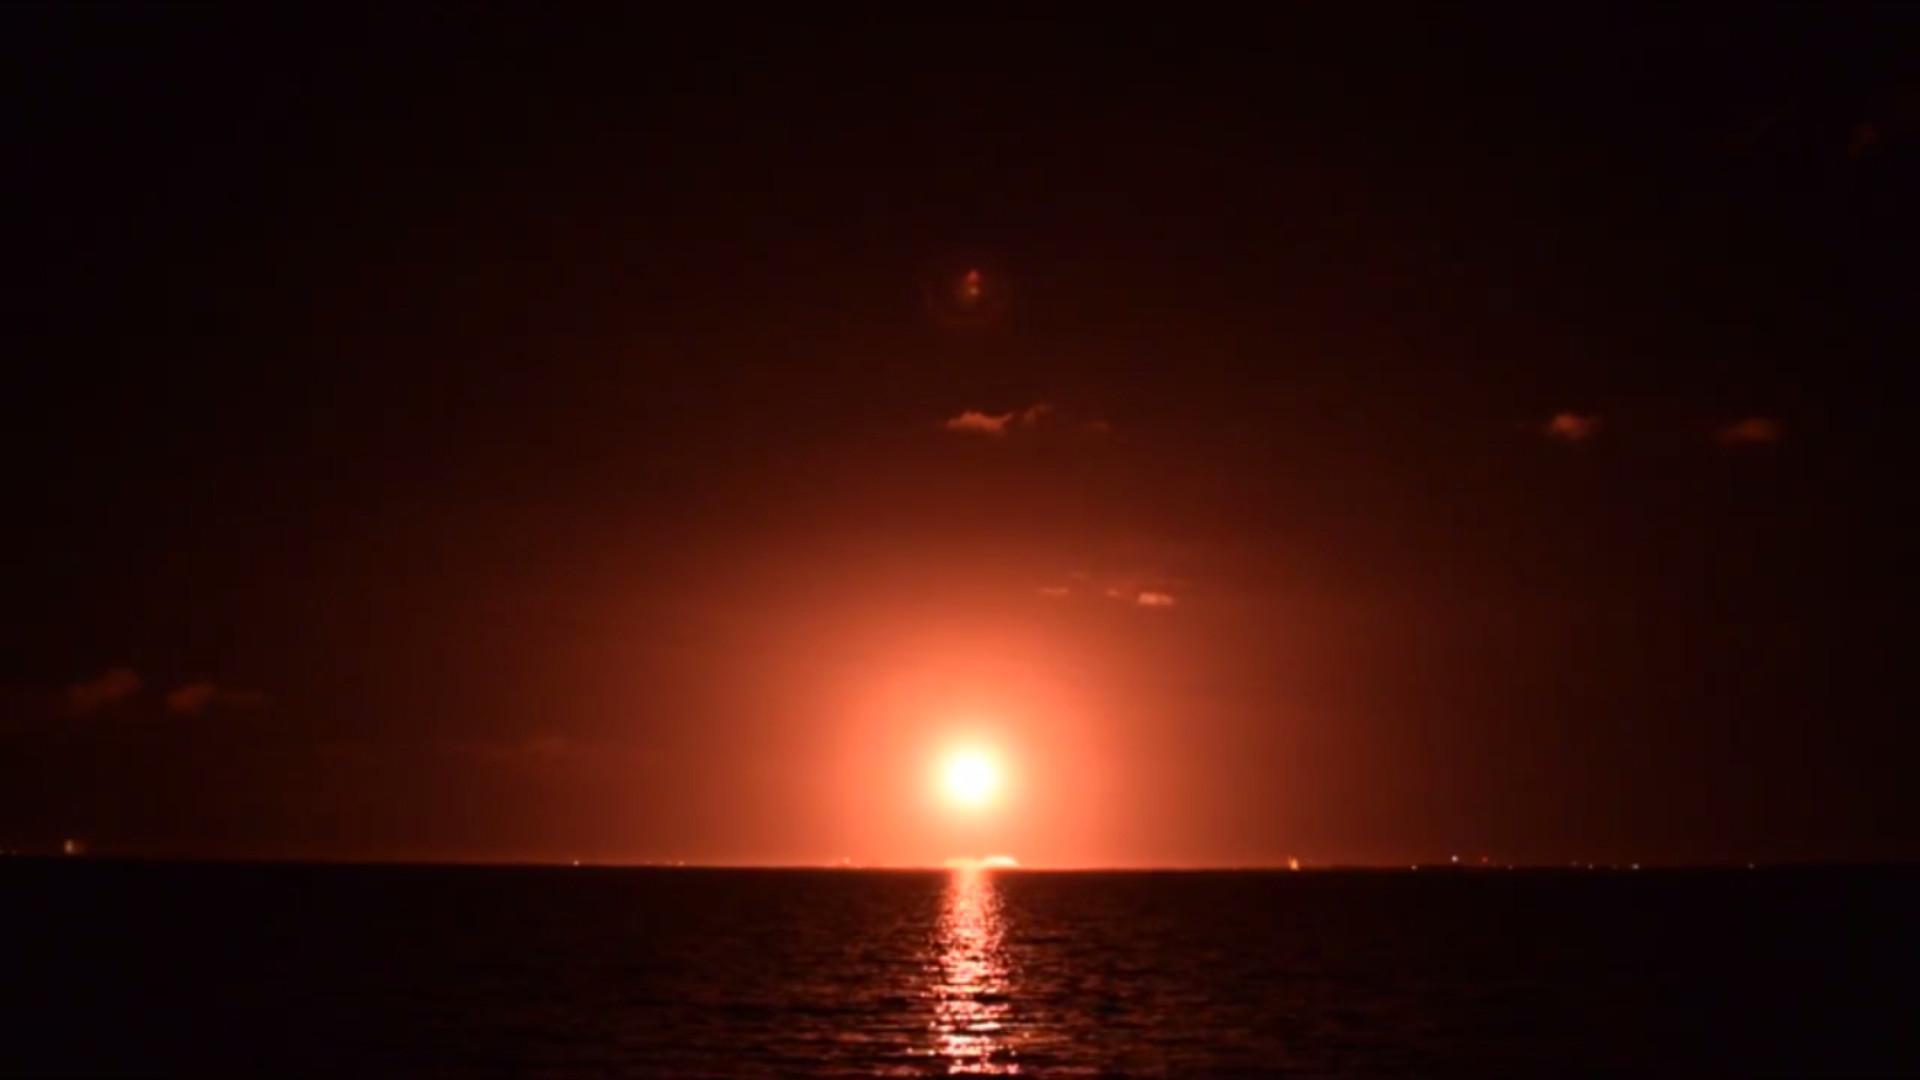 Primeiro lançamento espacial do ano iluminou o céu na Florida